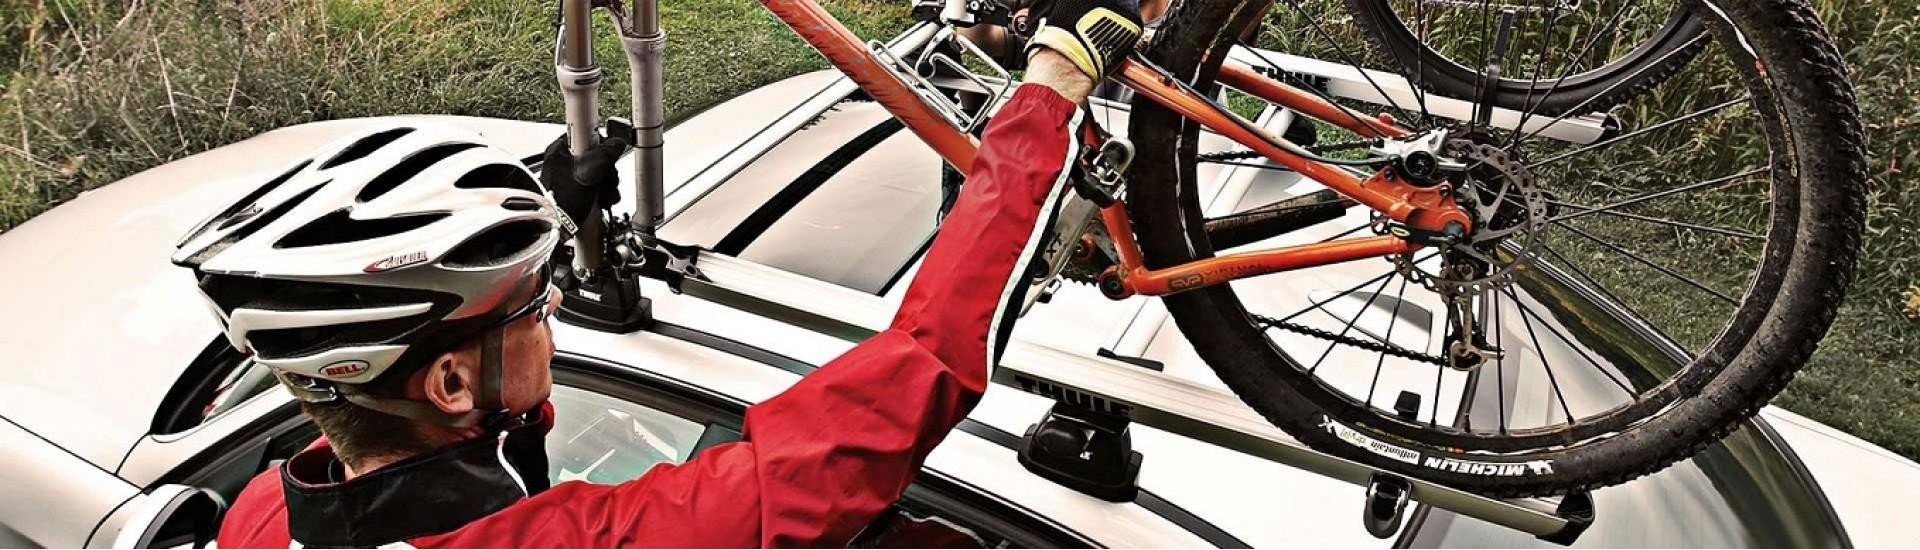 دوچرخه بند بایک امگرند X7